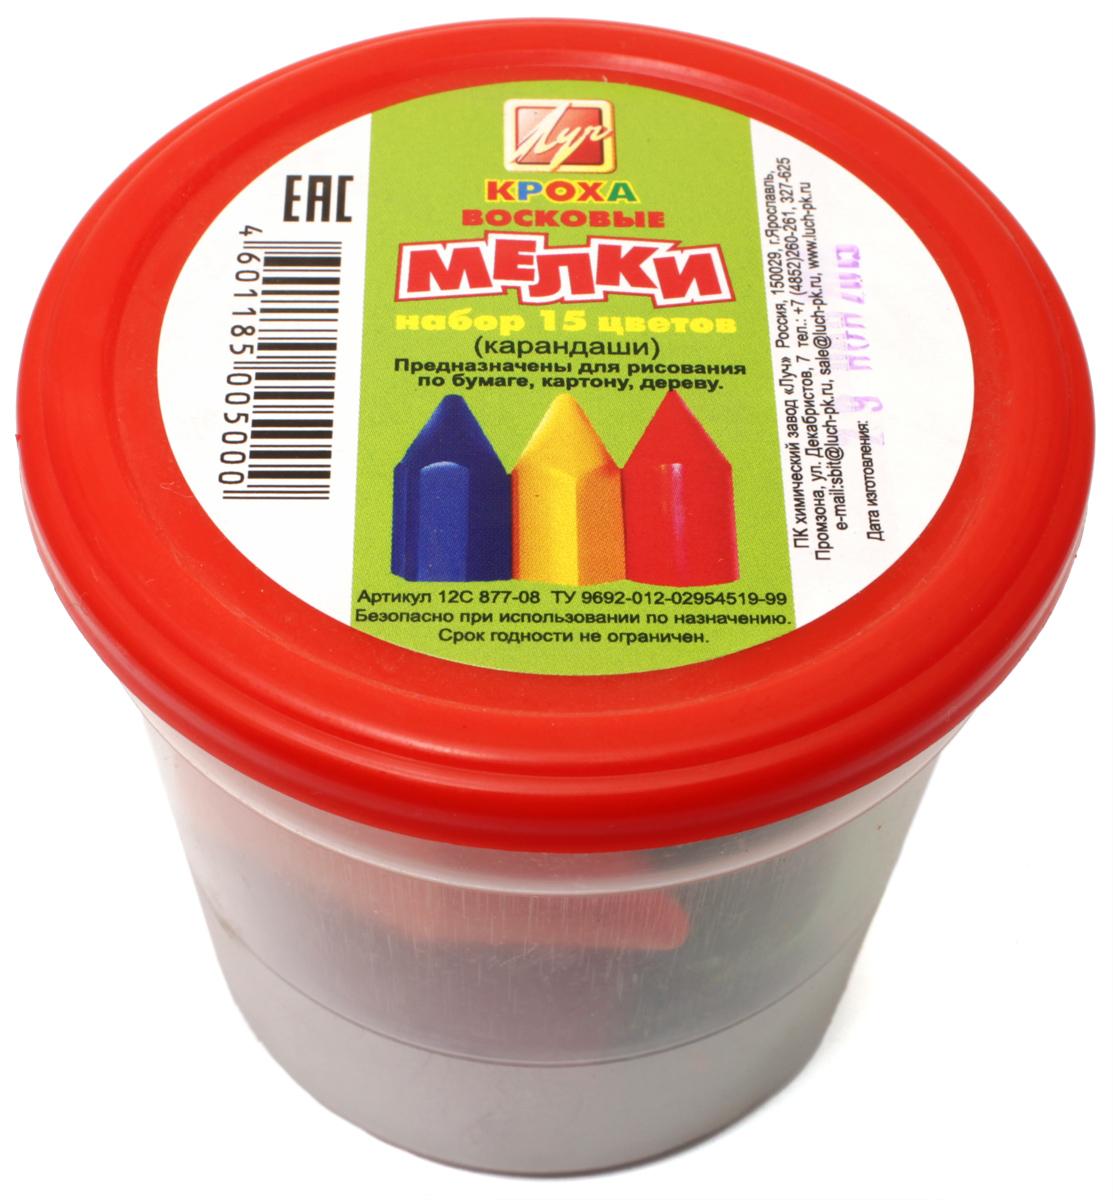 Луч Мелки восковые 15 цветов12С 877-08Восковые мелки в пластиковом стакане круглой, шестигранной и трехгранной формы, с увеличенным диаметром. Удобно хранить и удобно пользоваться маленьким детям.